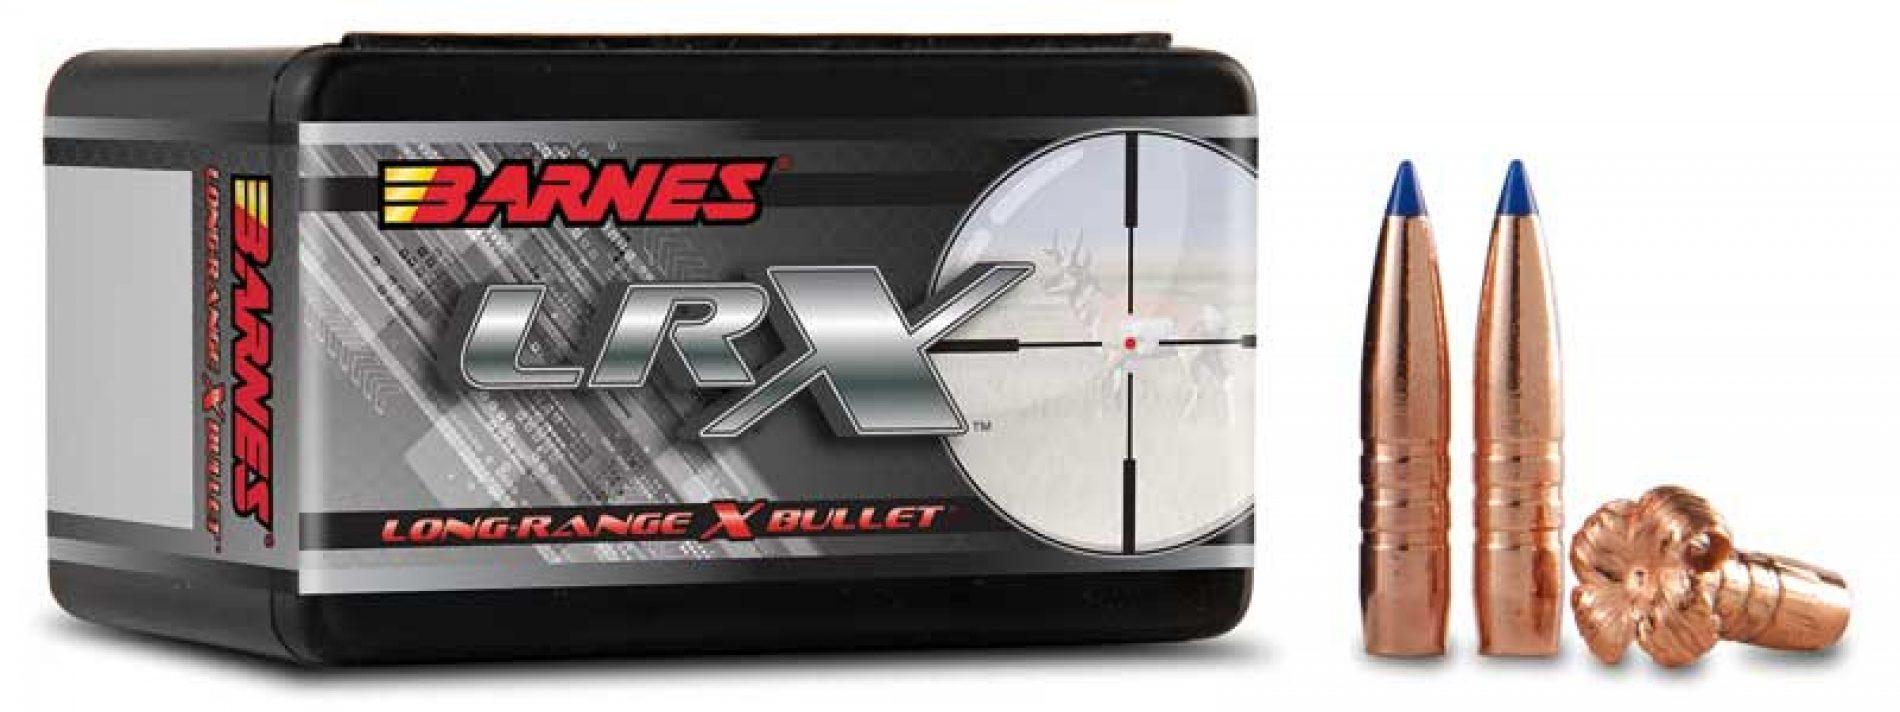 Munición Barnes LRX para caza a muy larga distancia